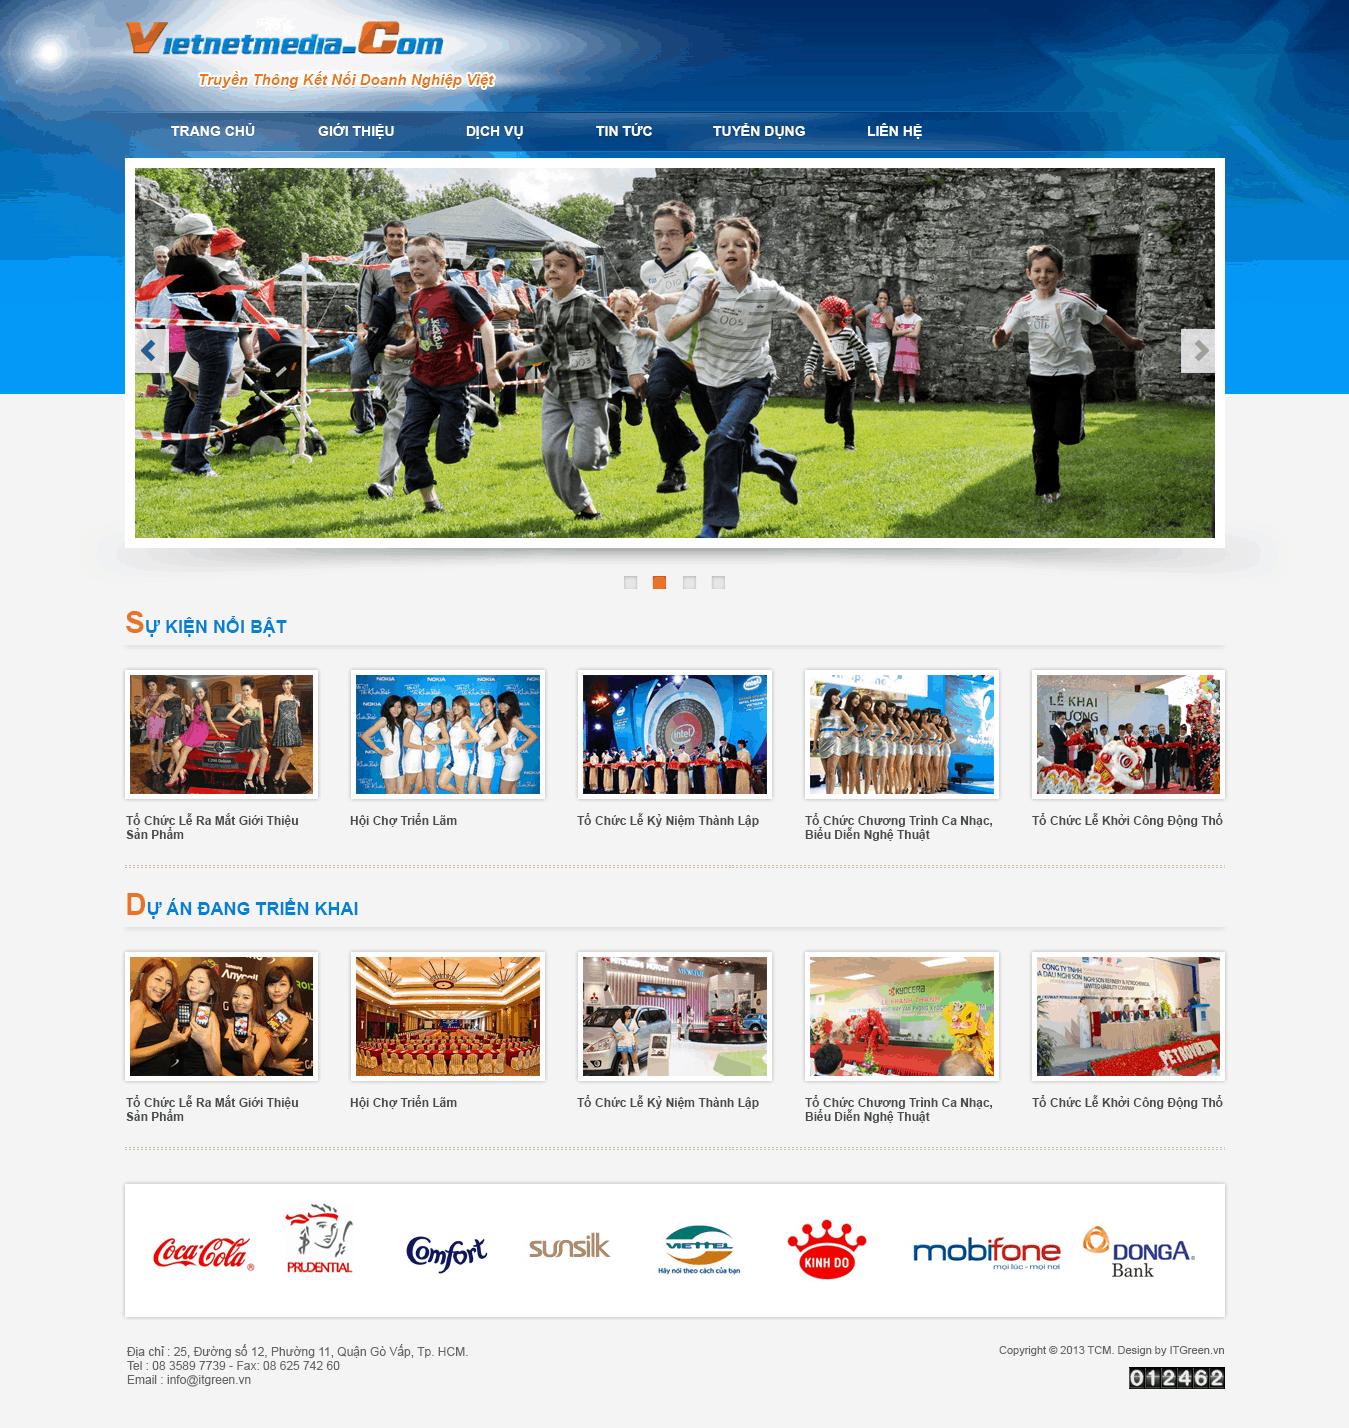 Thiết kế website Công ty giải trí truyền thông